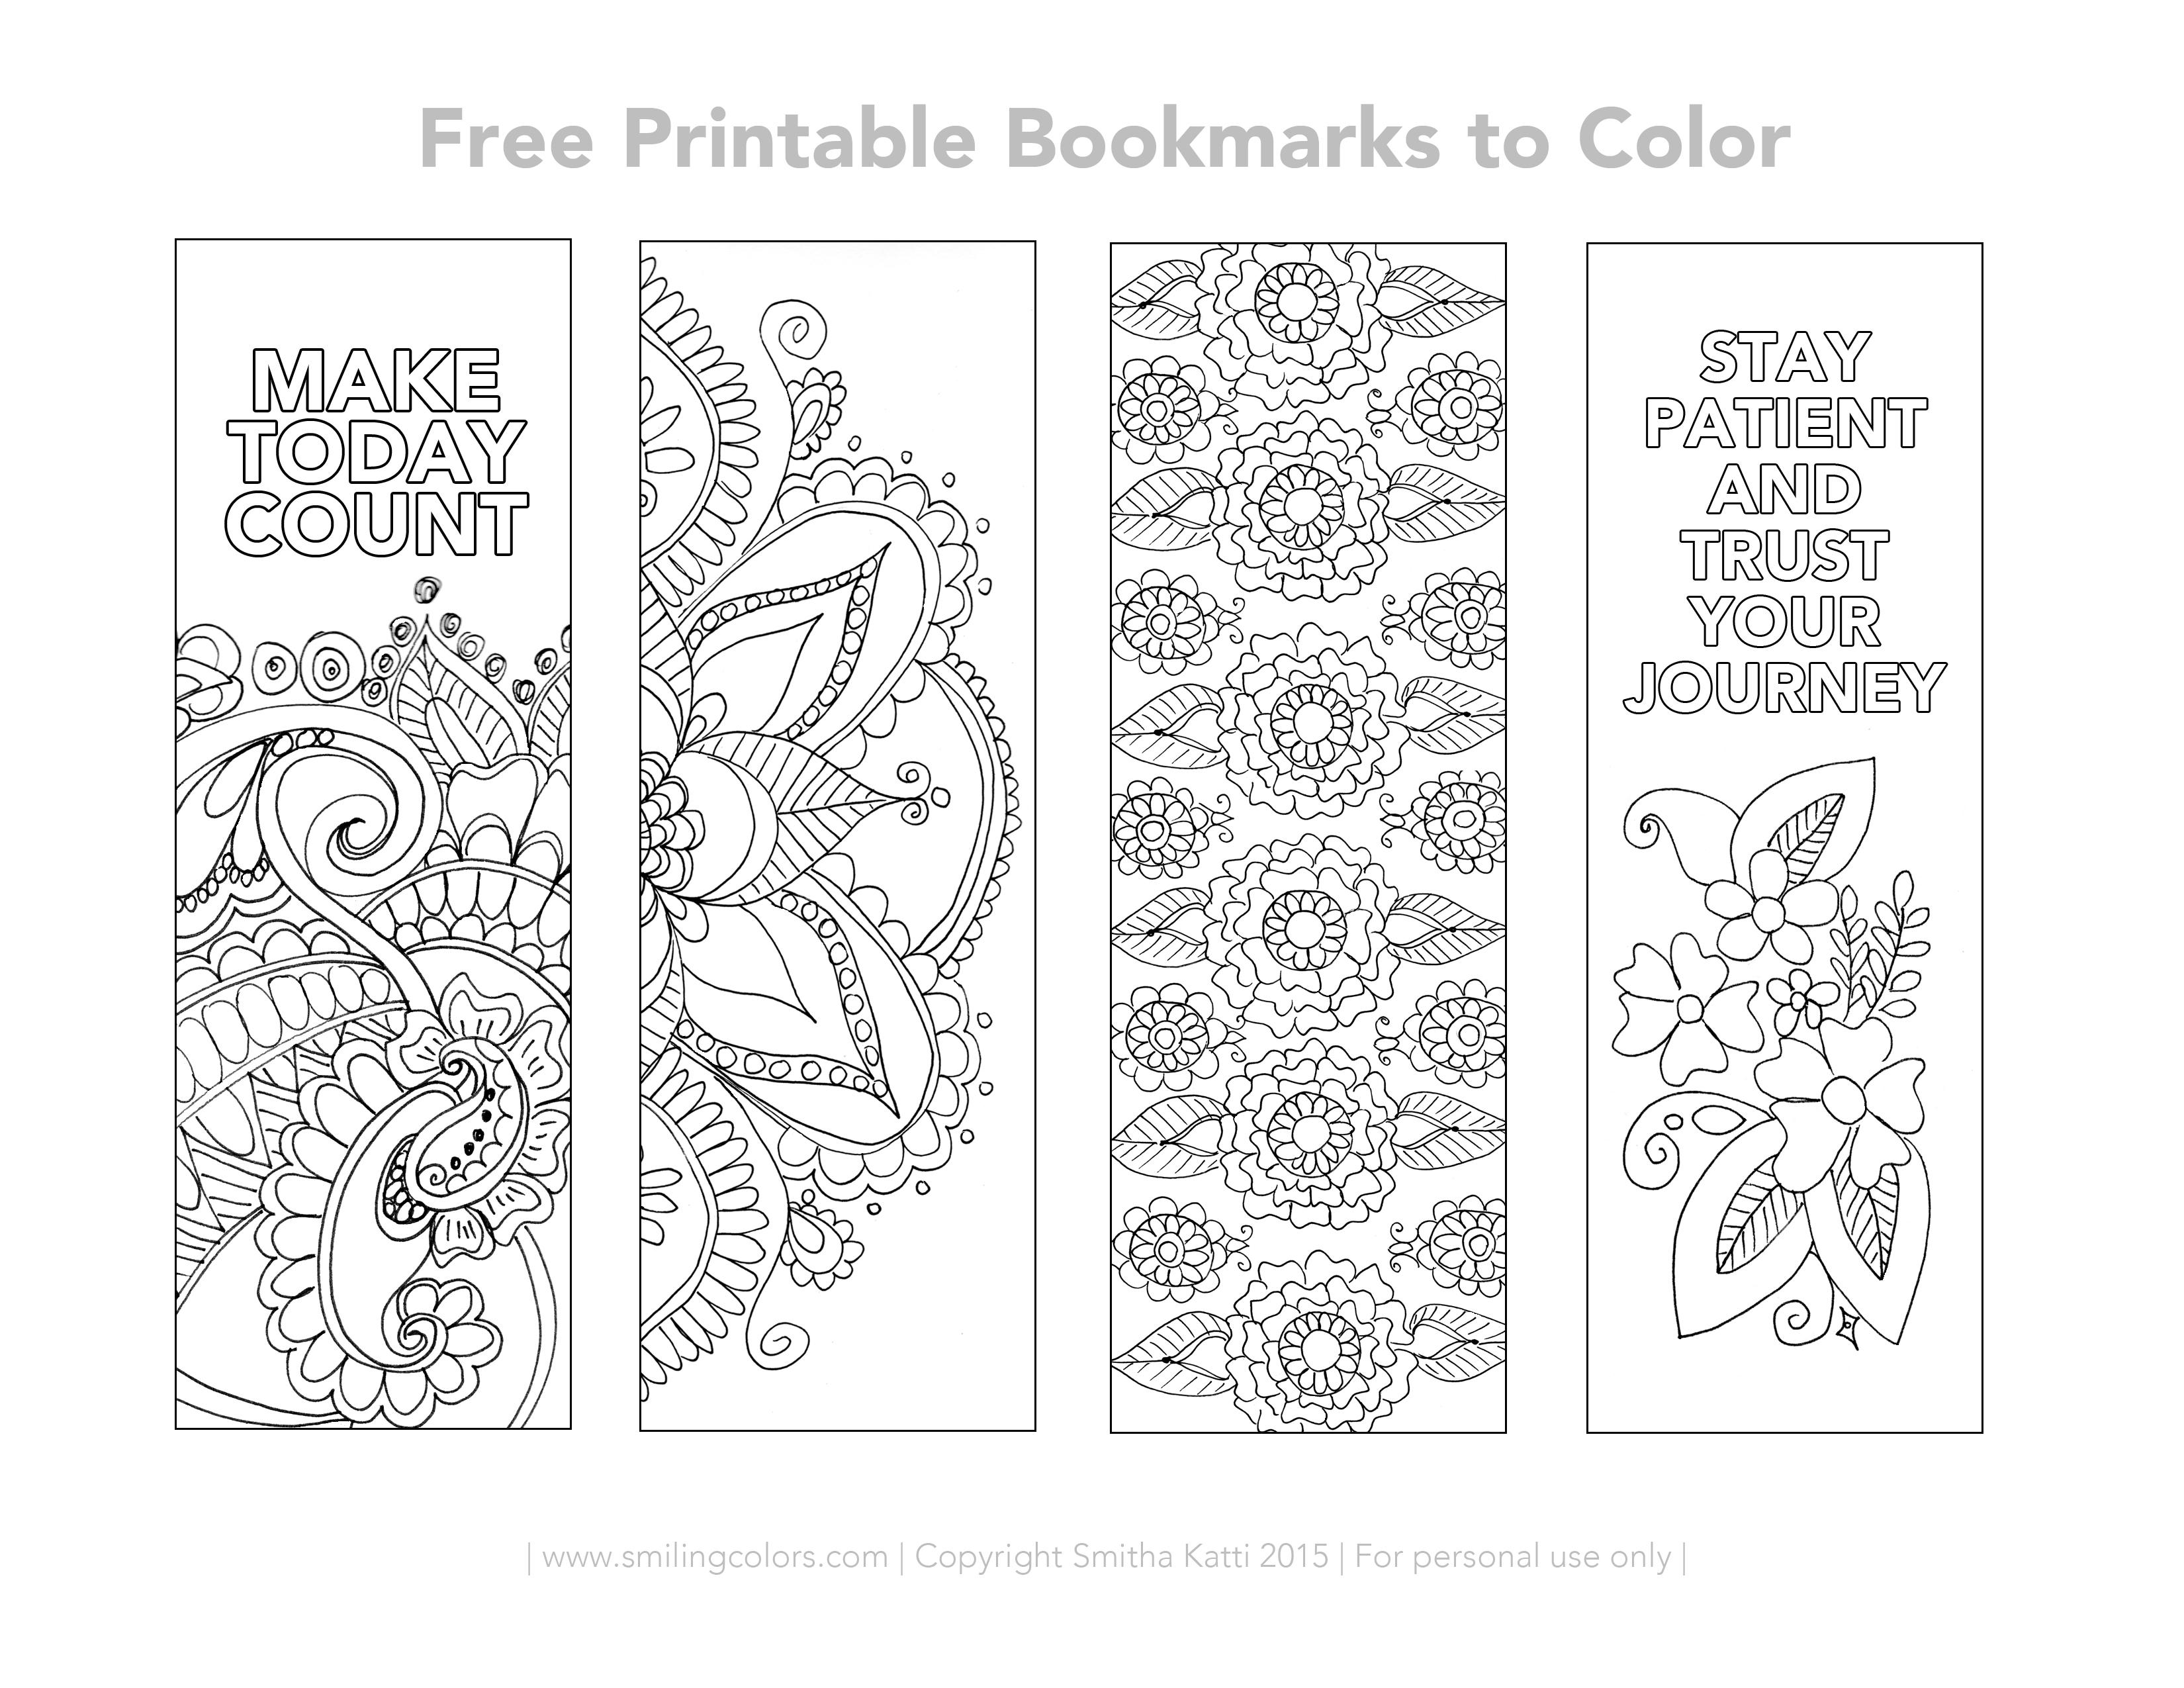 Free Printable Bookmarks To Color - Smitha Katti - Free Printable Bookmarks Templates